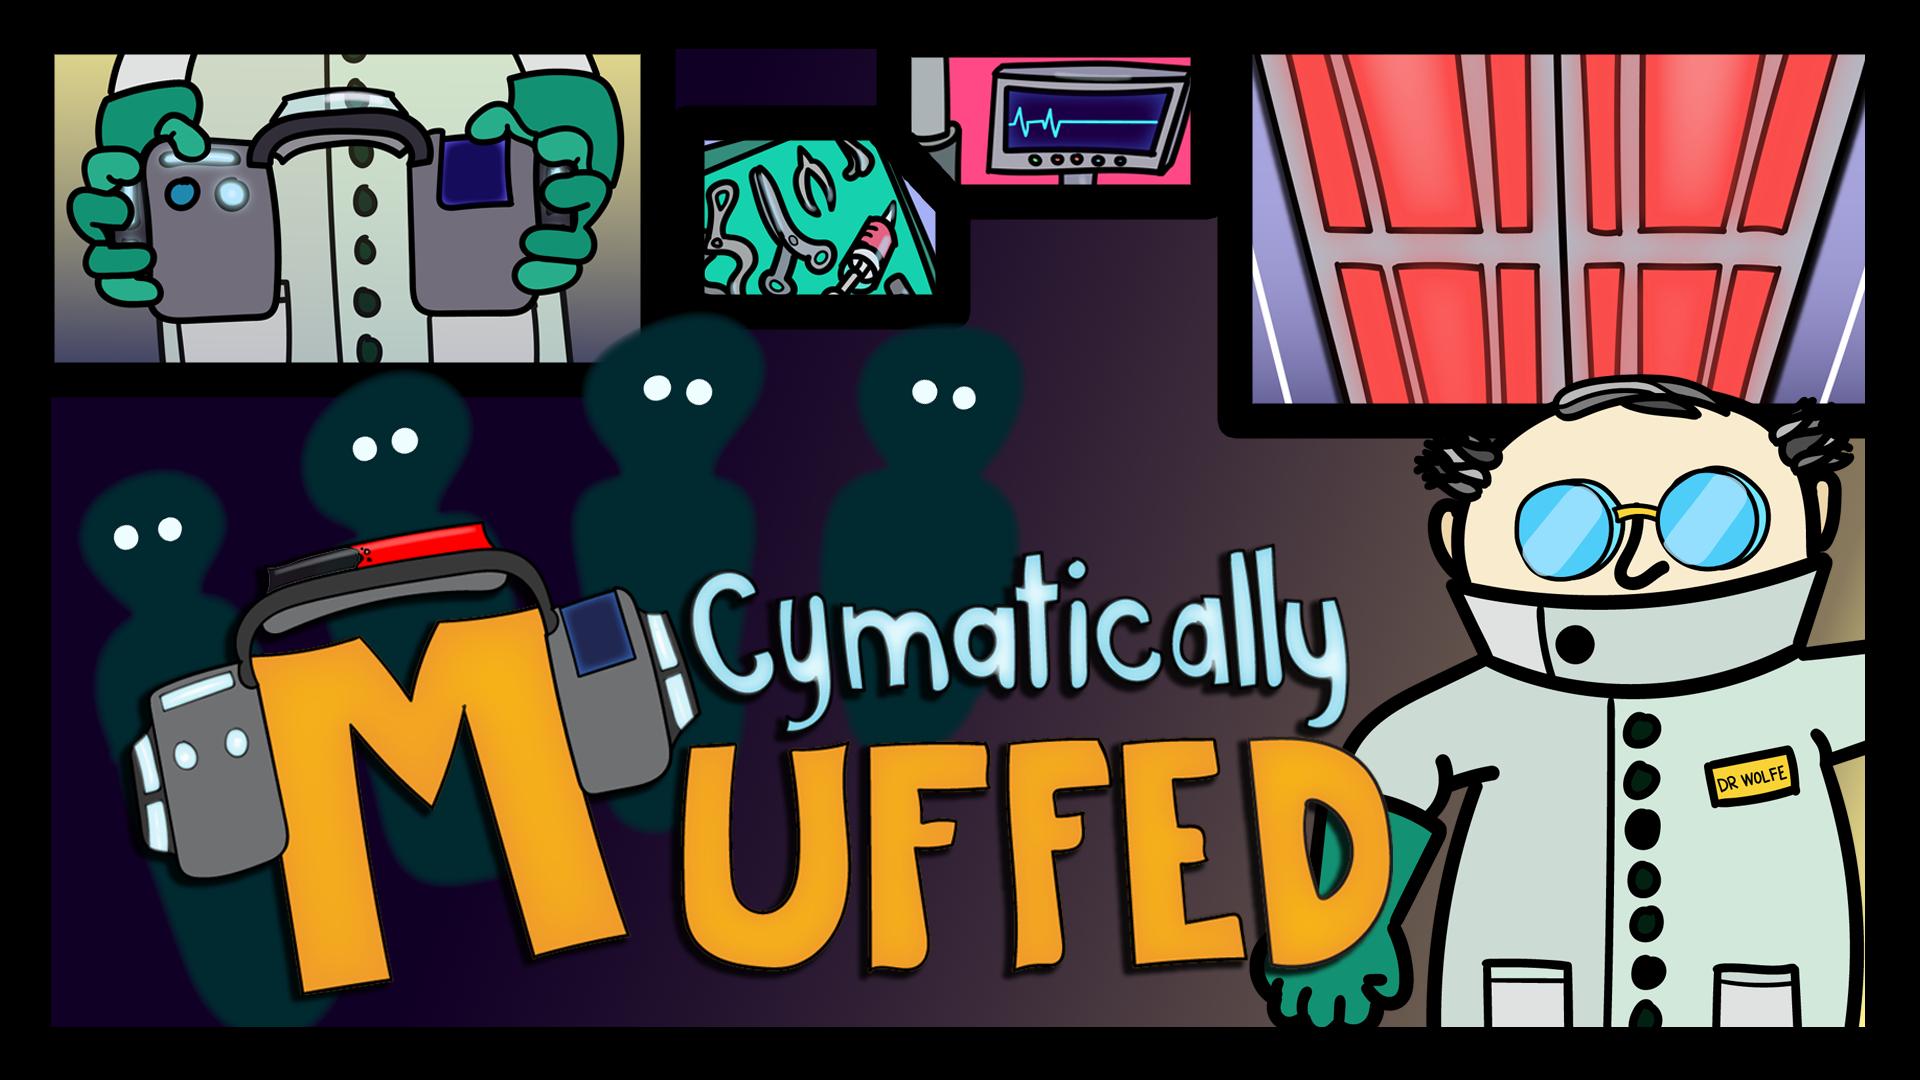 Jeu Cymatically Muffed gratuit sur PC (Dématérialisé, DRM-Free)